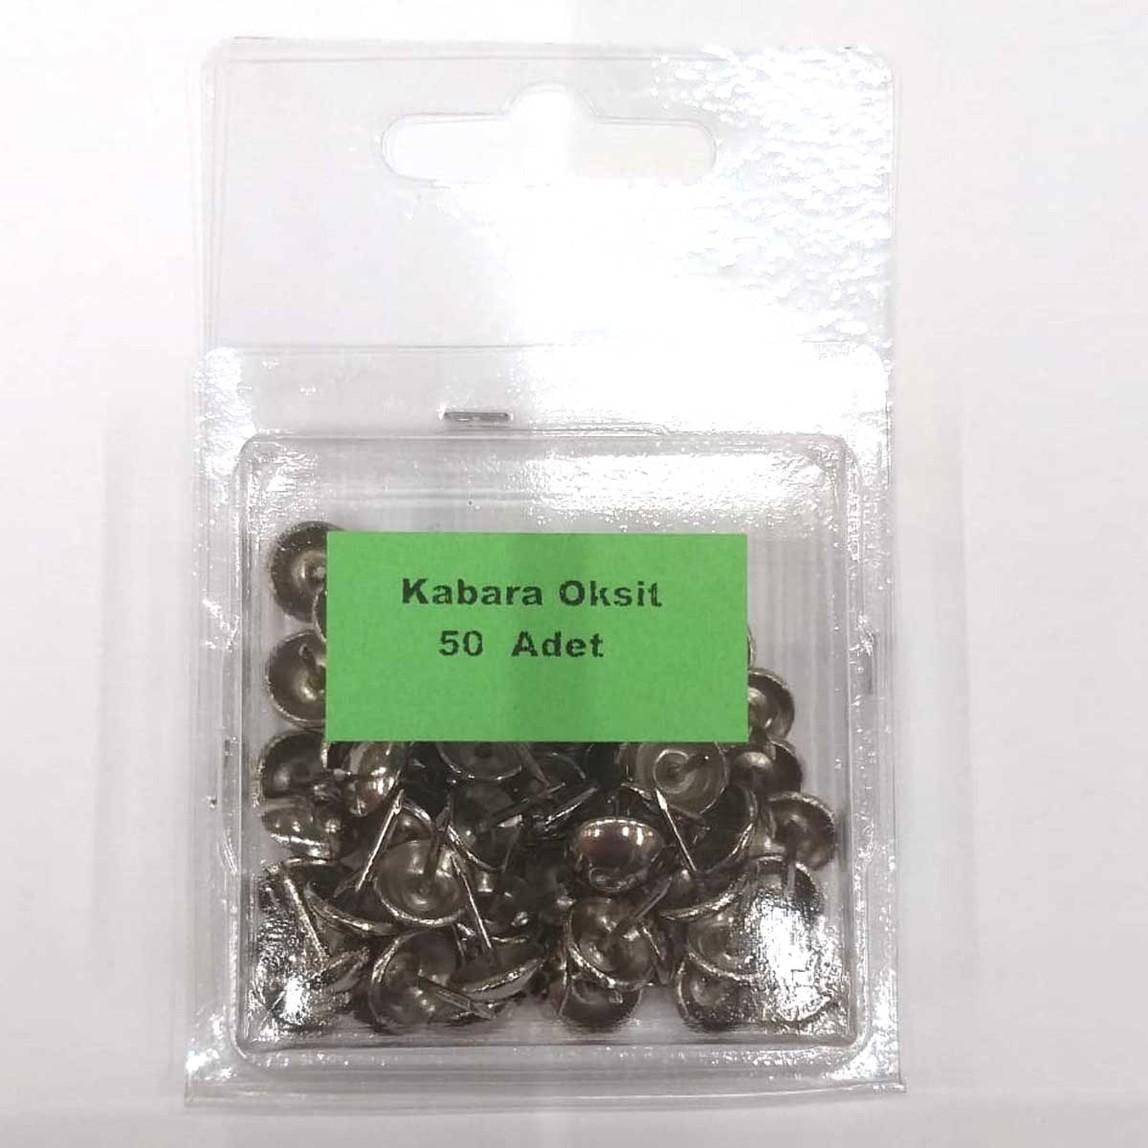 Kabara Oksit 50 Adet